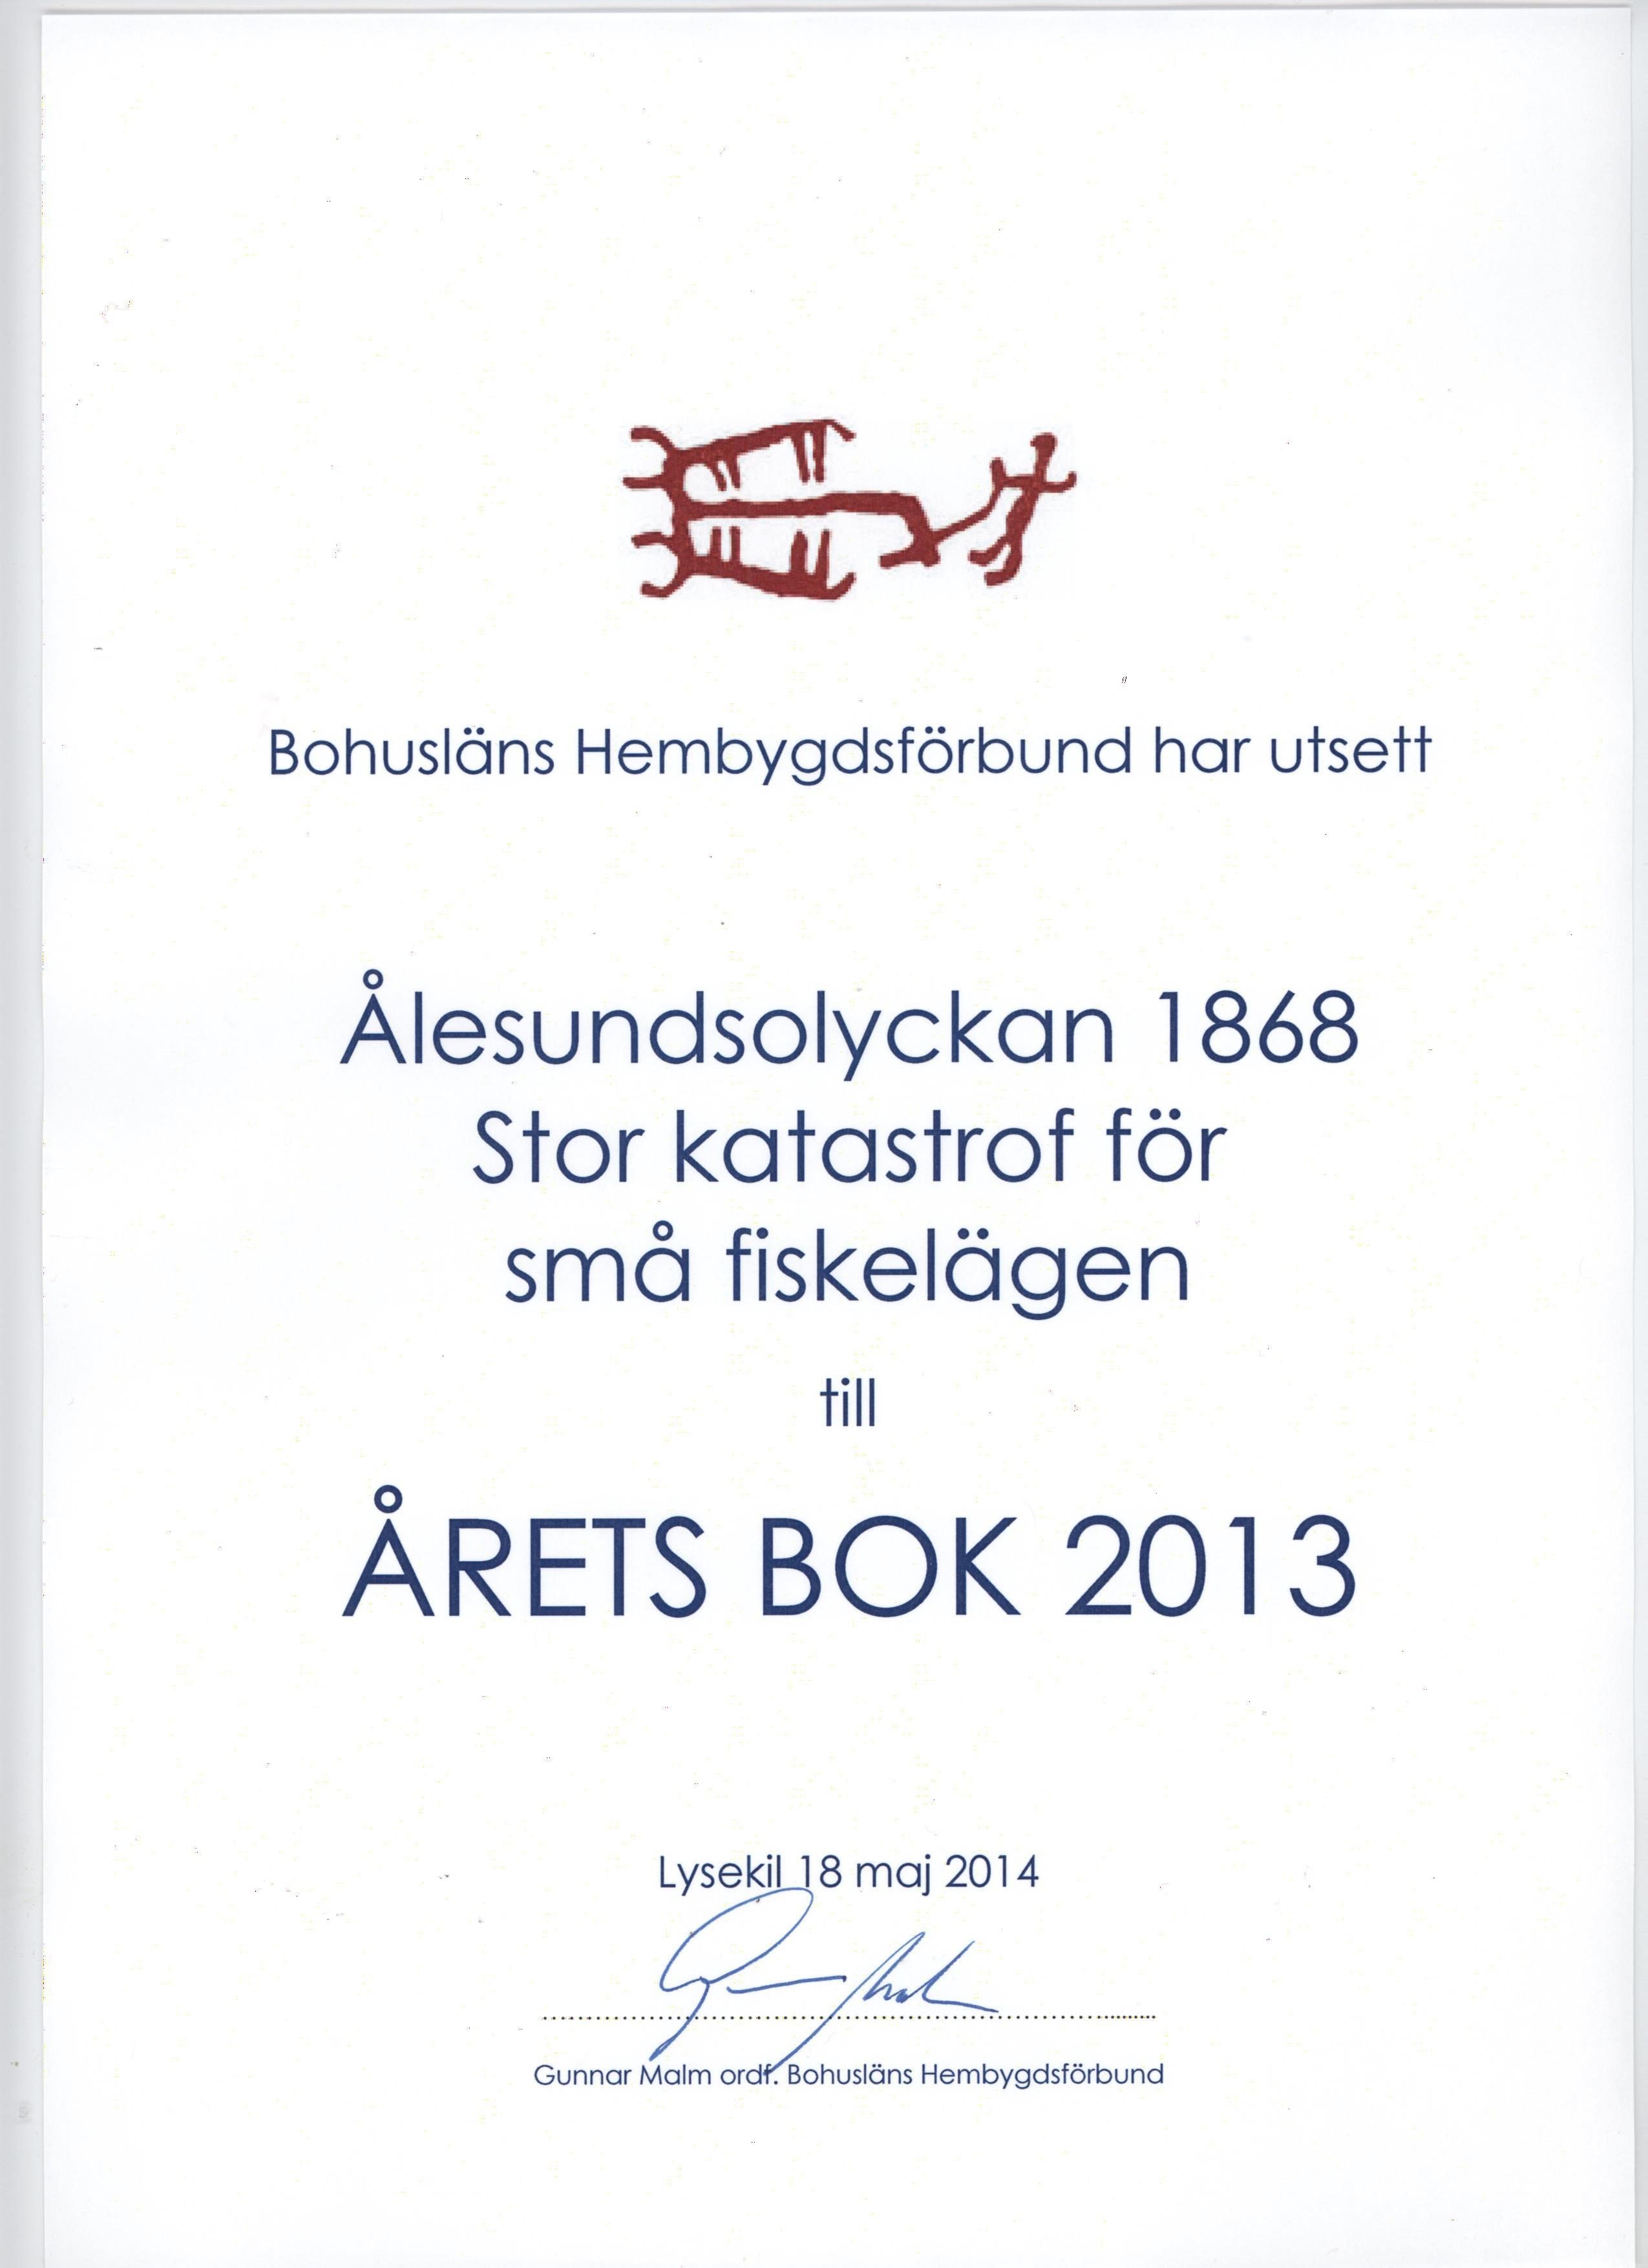 Ålesundsolyckan vinner Årets bok 2013